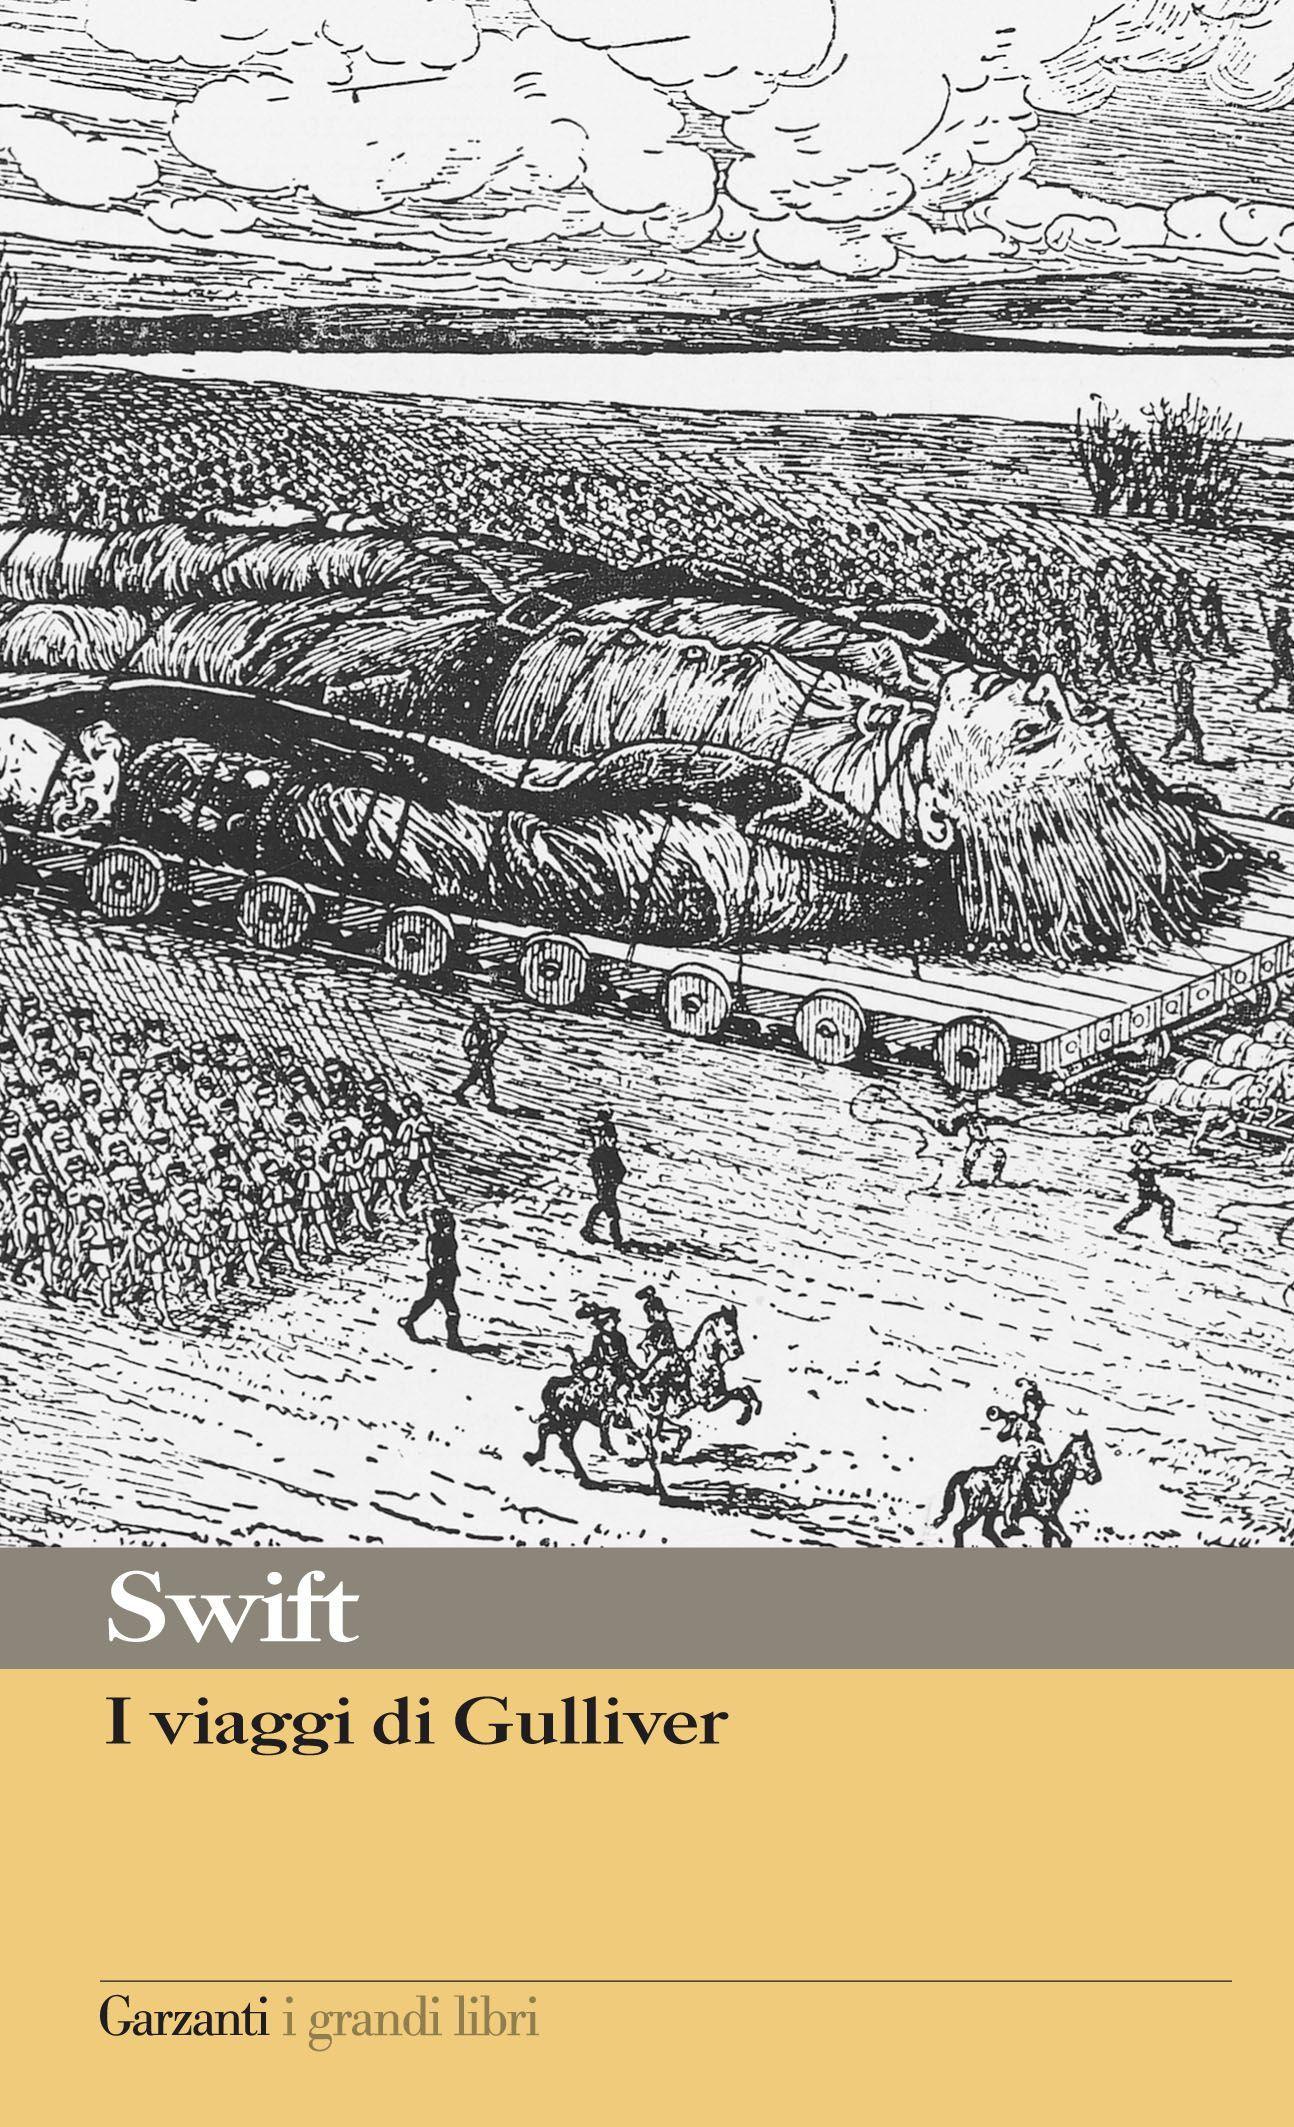 I viaggi di Gulliver cover